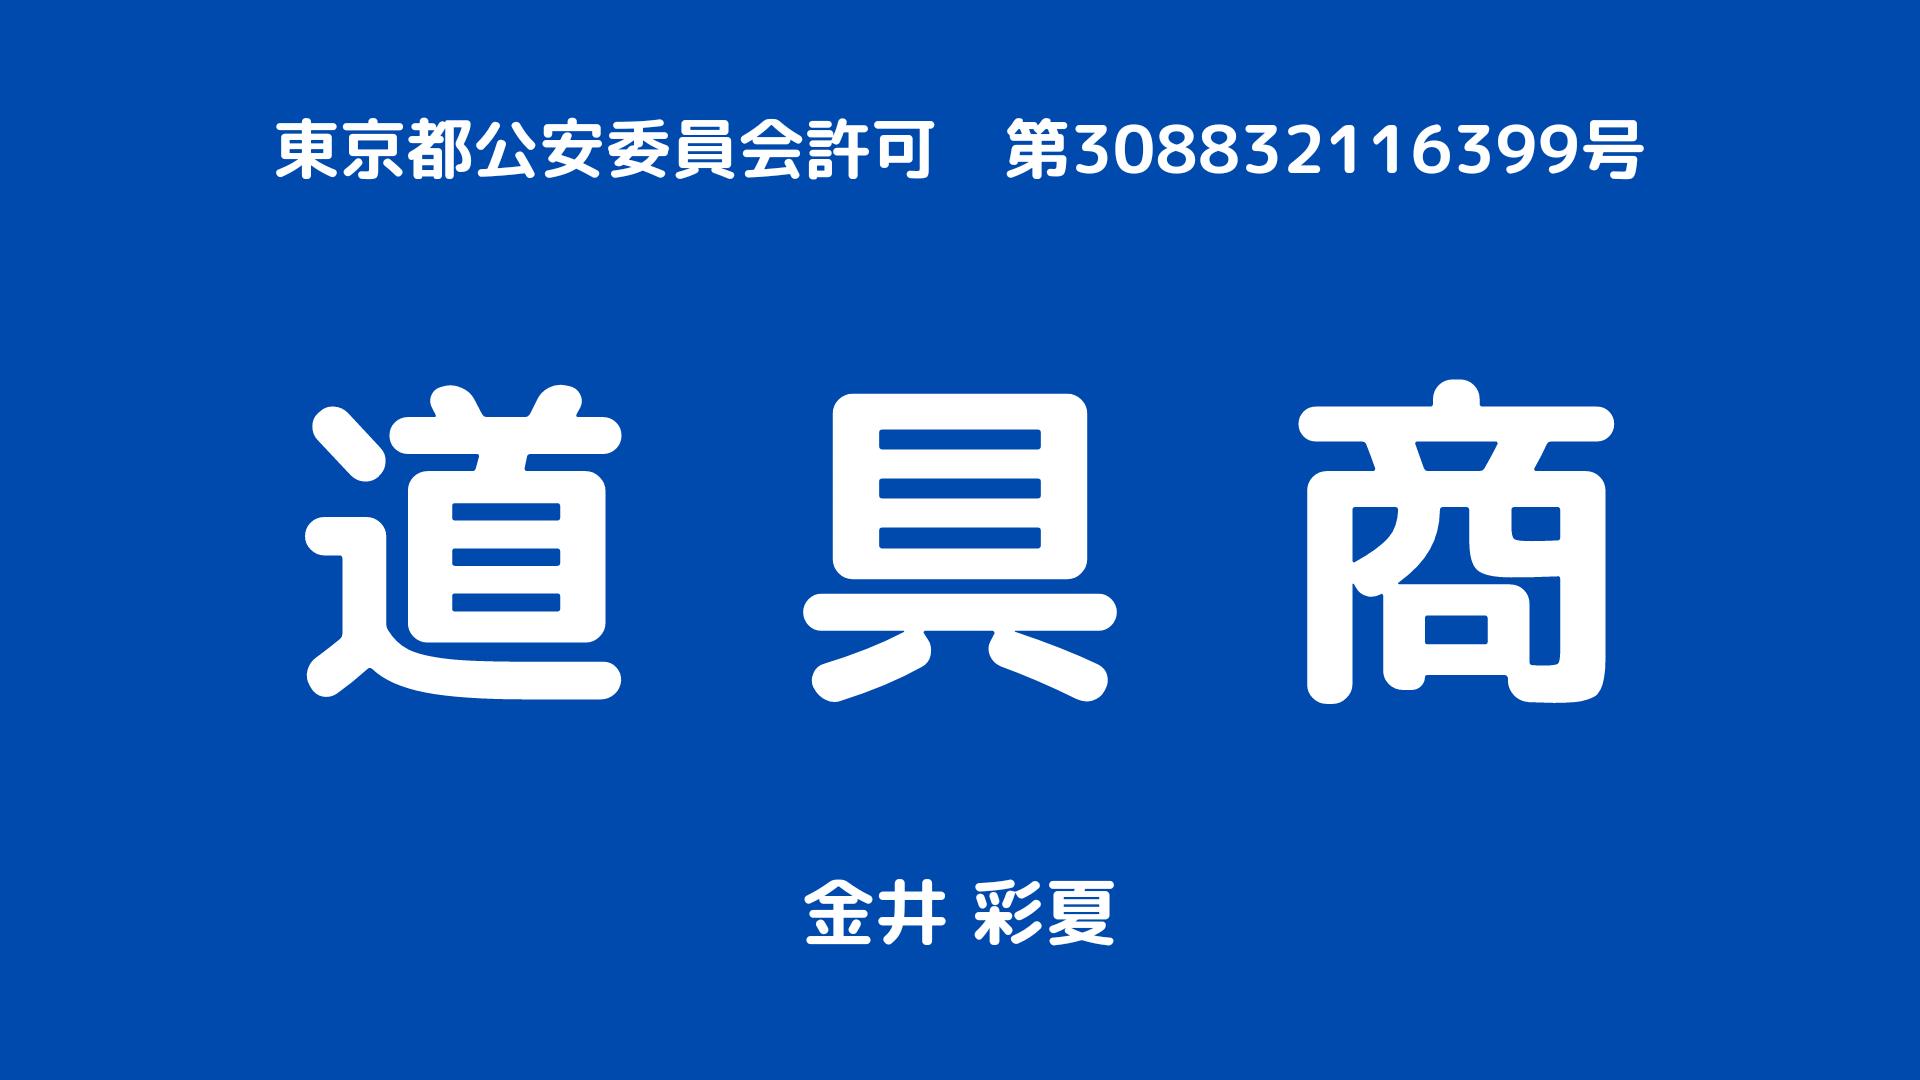 販売資格◆古物商許可証 ※当店の商品はすべて新品です